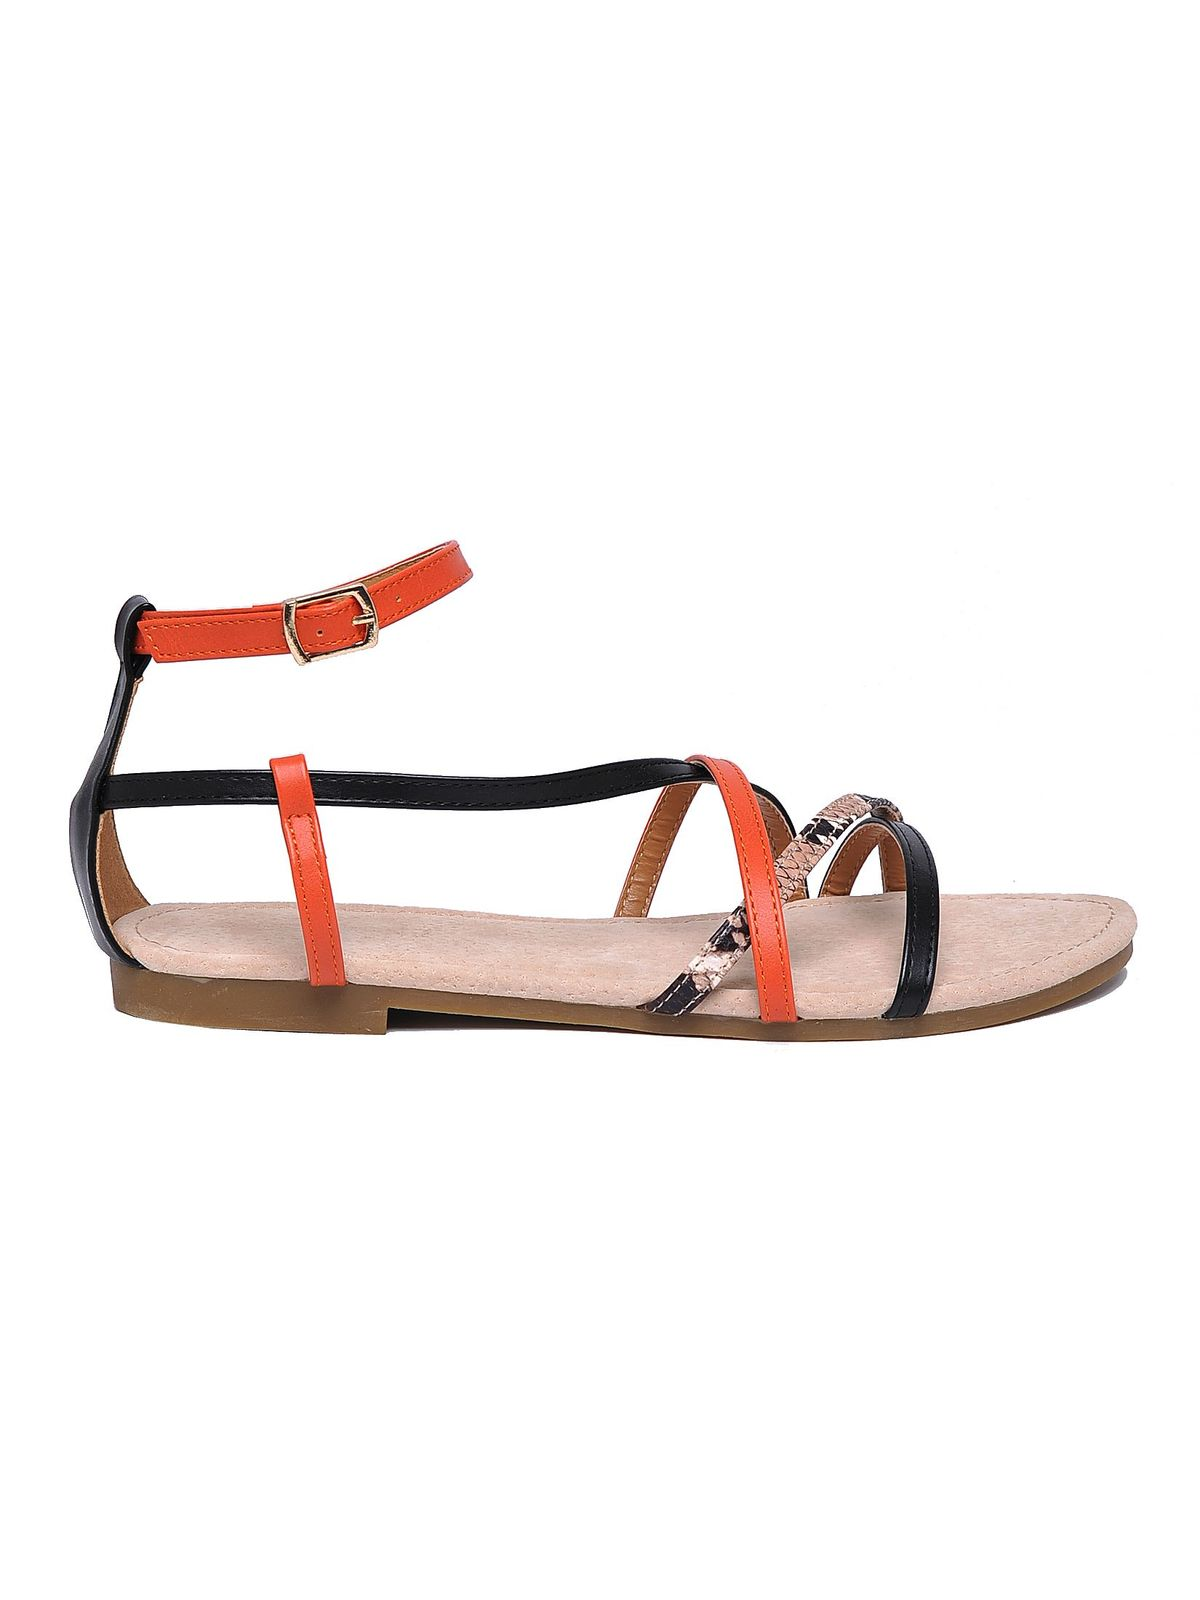 Sandale Top Secret portocalii casual din piele ecologica cu barete subtiri